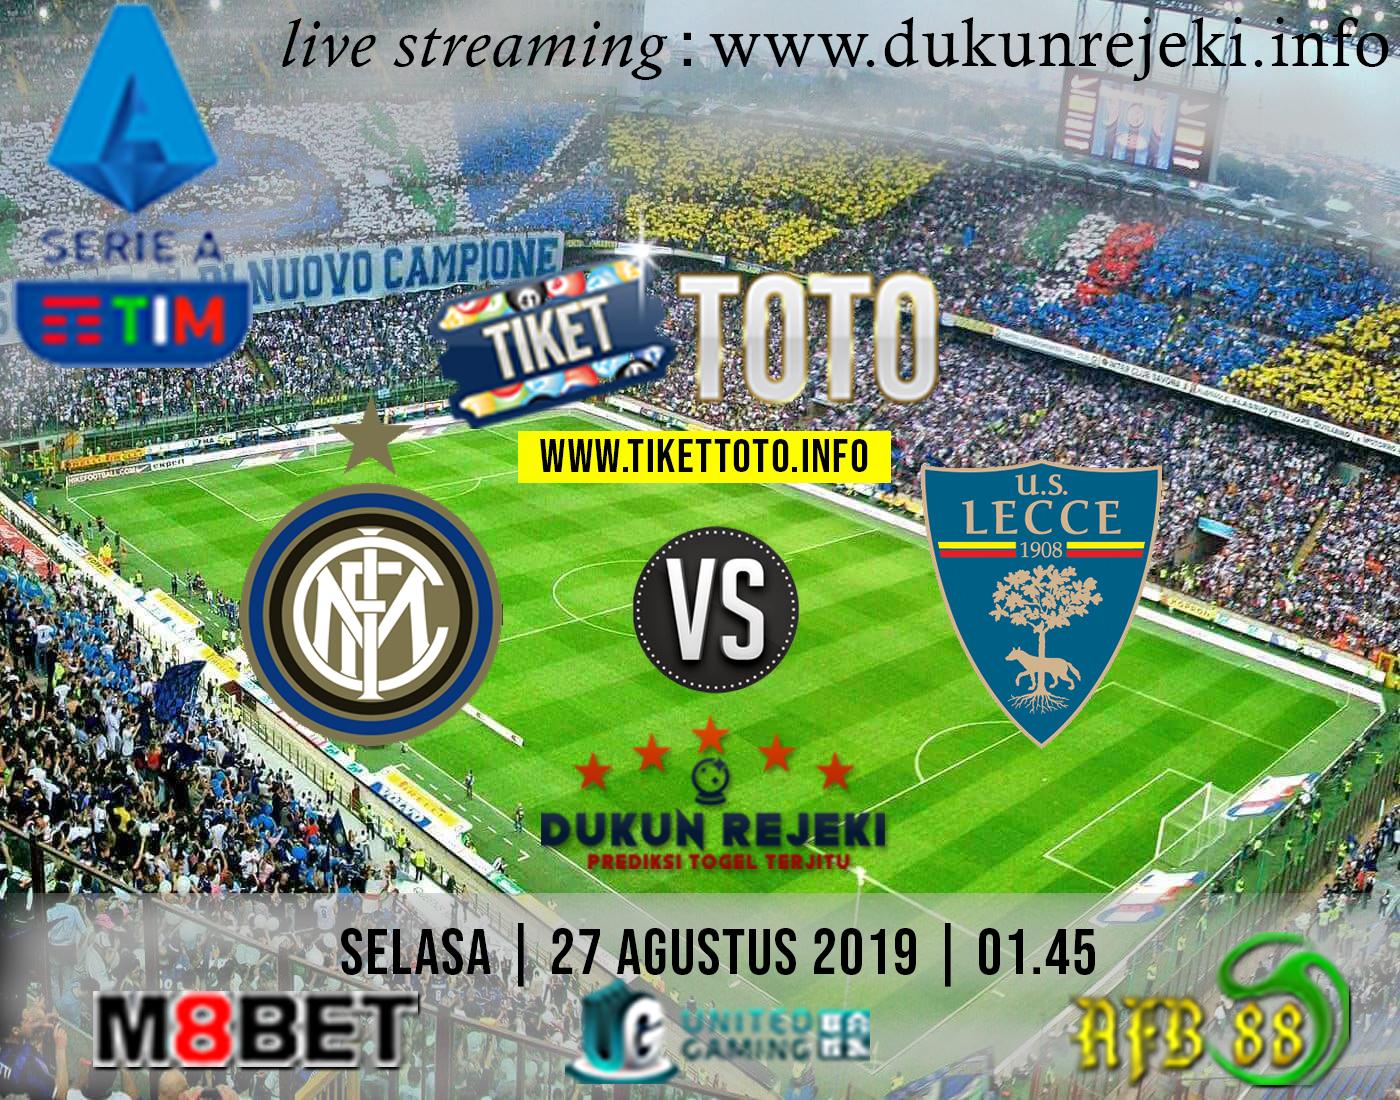 Prediksi Pertandingan Inter Vs Lecce 27 Agustus 2019 – dukunrejeki.info